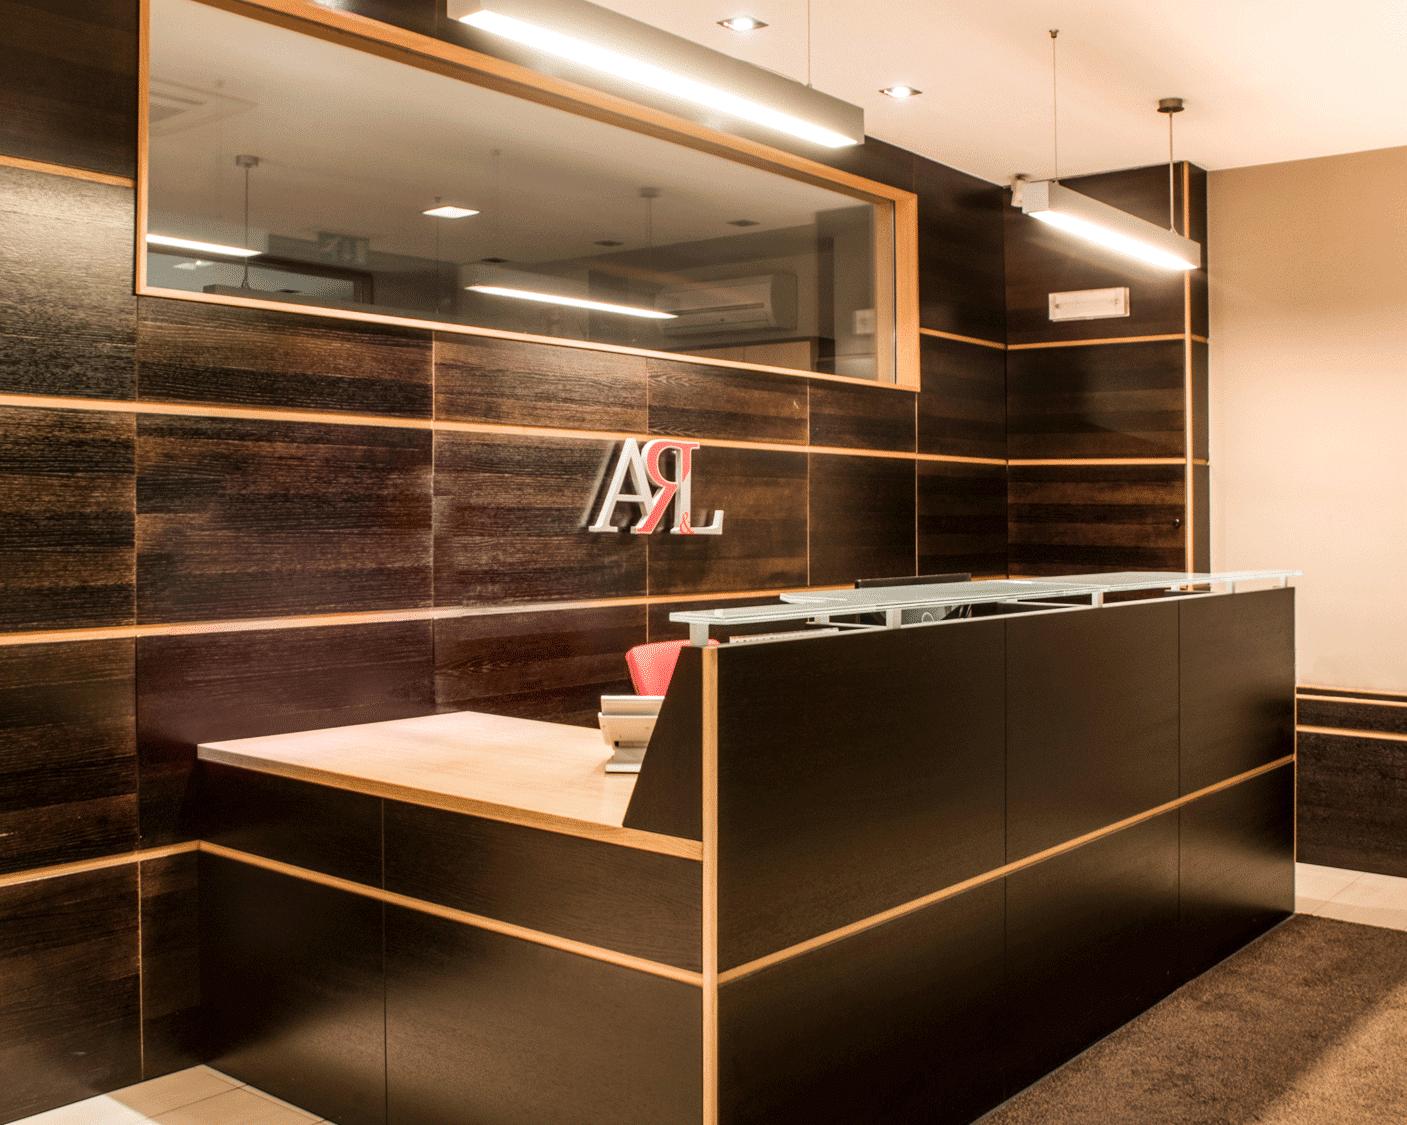 ARL-Instalaciones-01-galeria